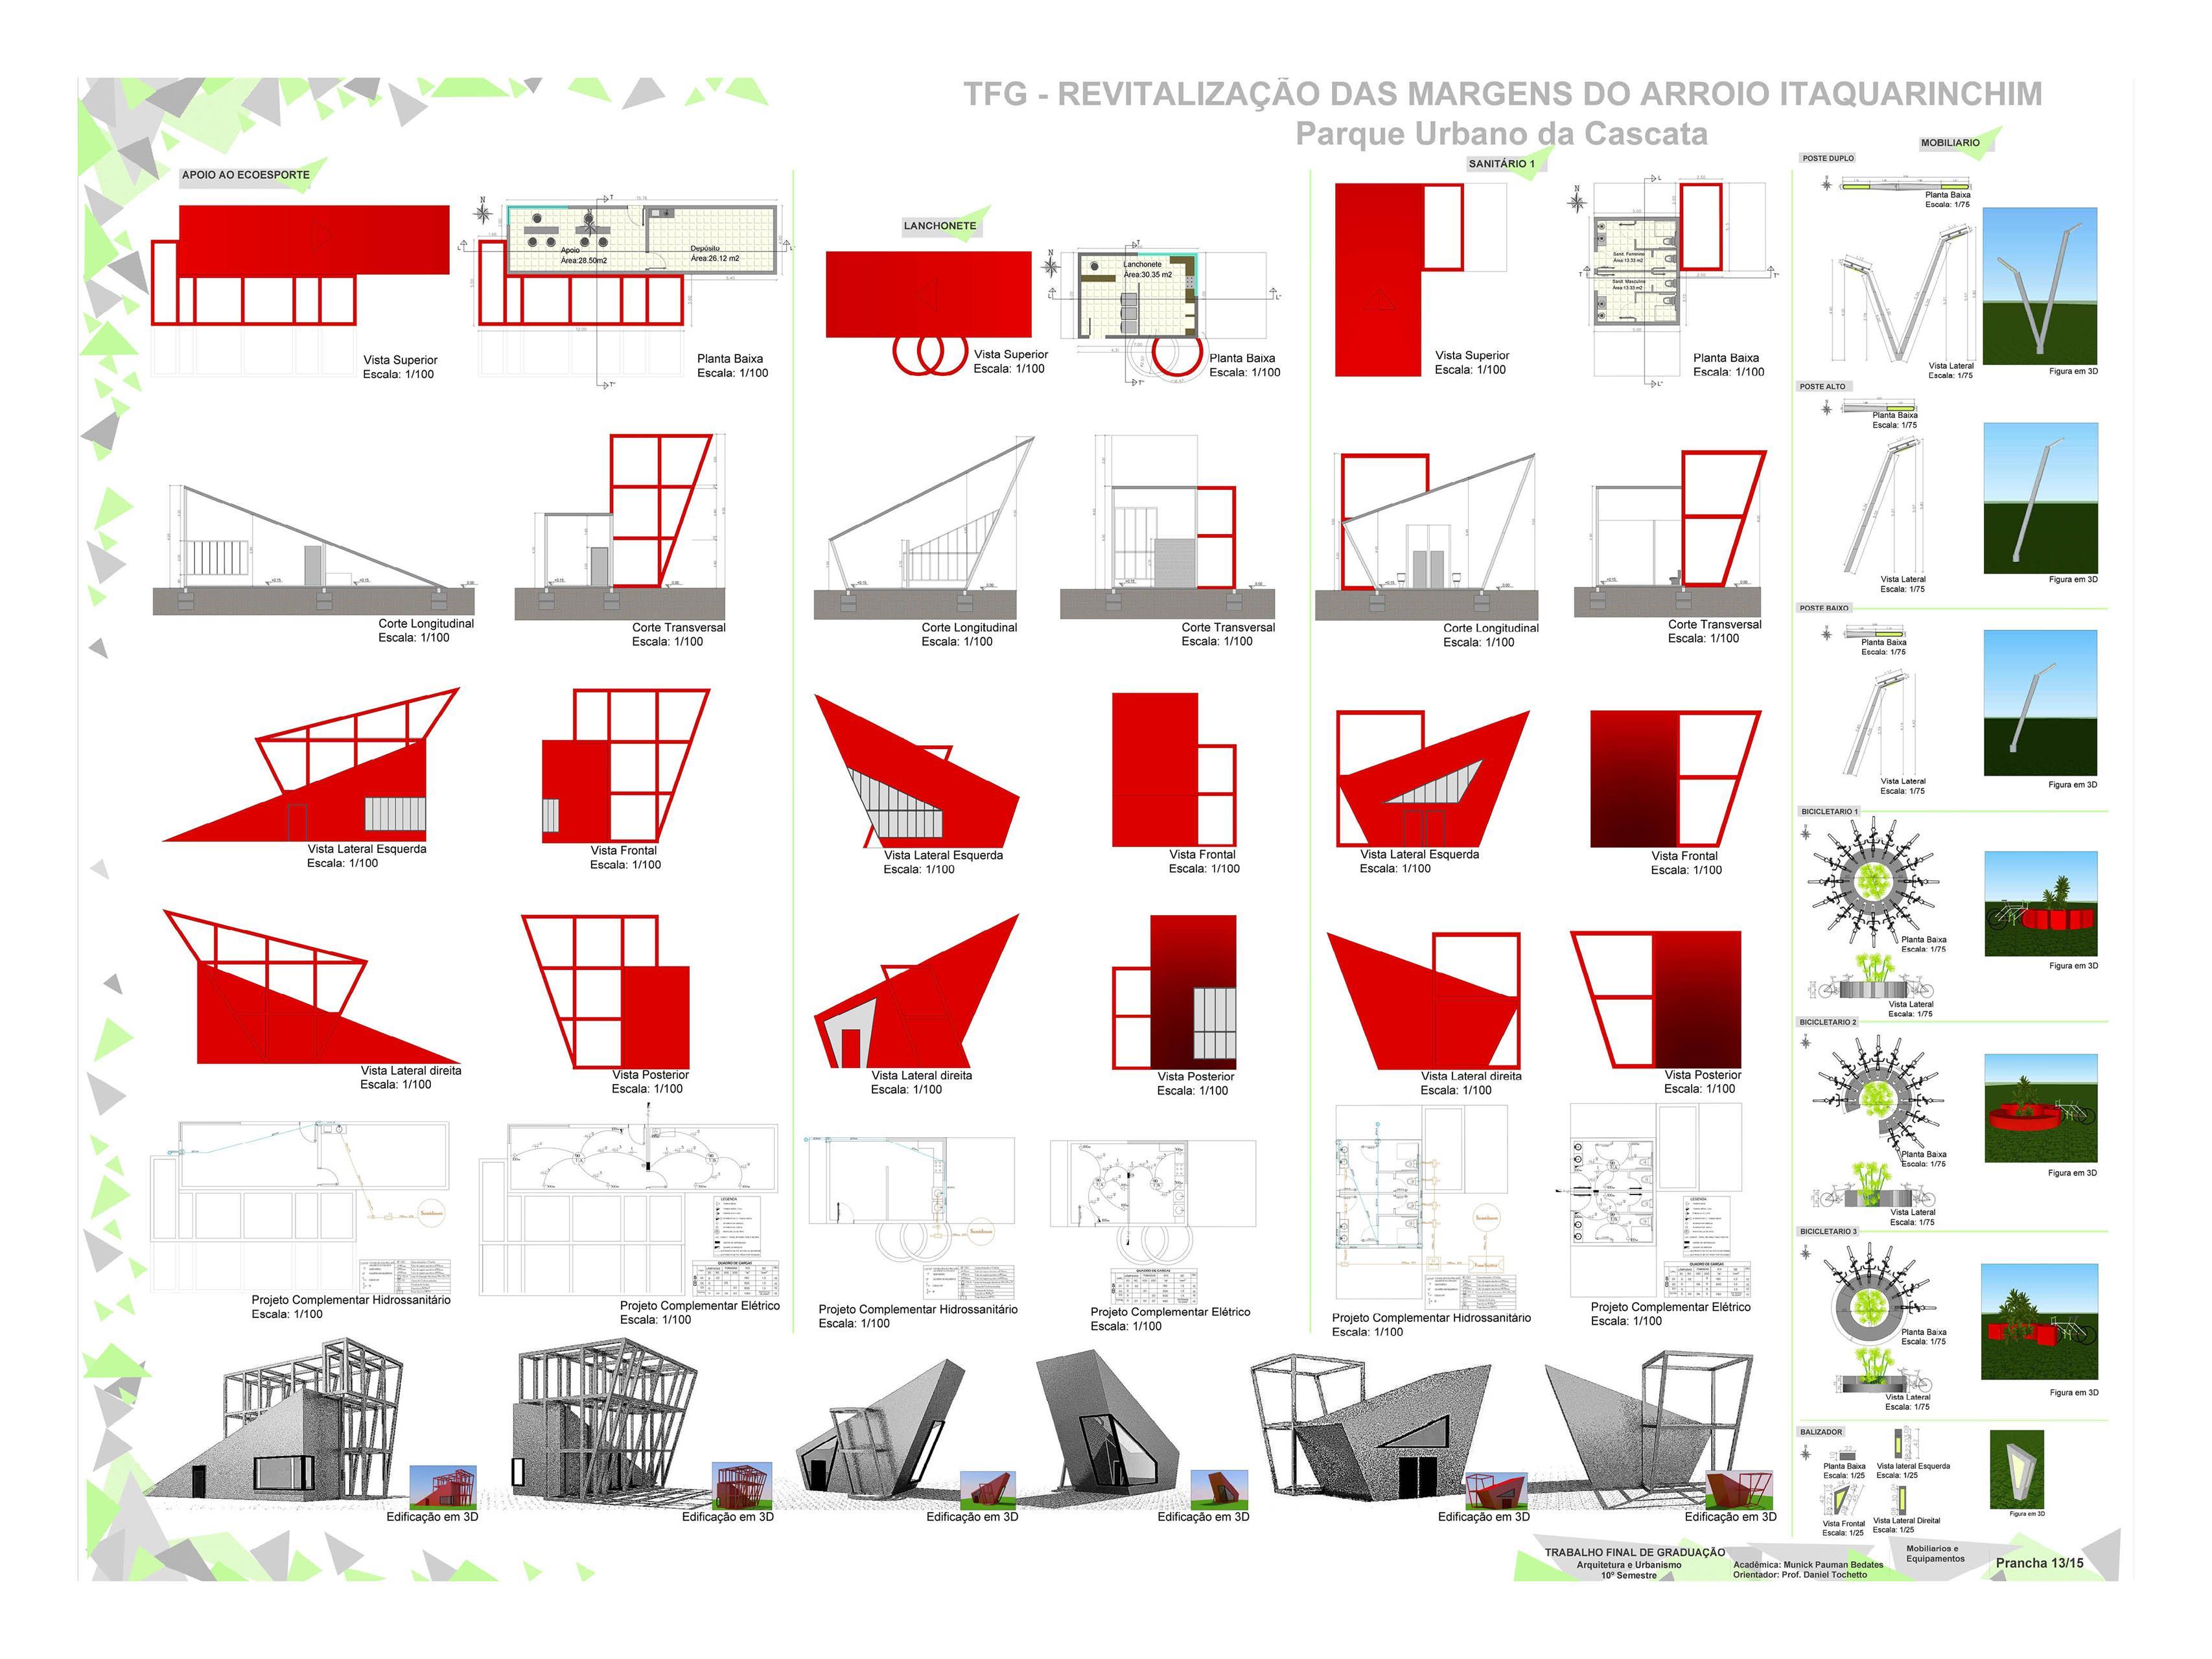 Revitalização das Margens do Arroio Itaquarinchim - Parque Urbano da Cascata13 (Copy)